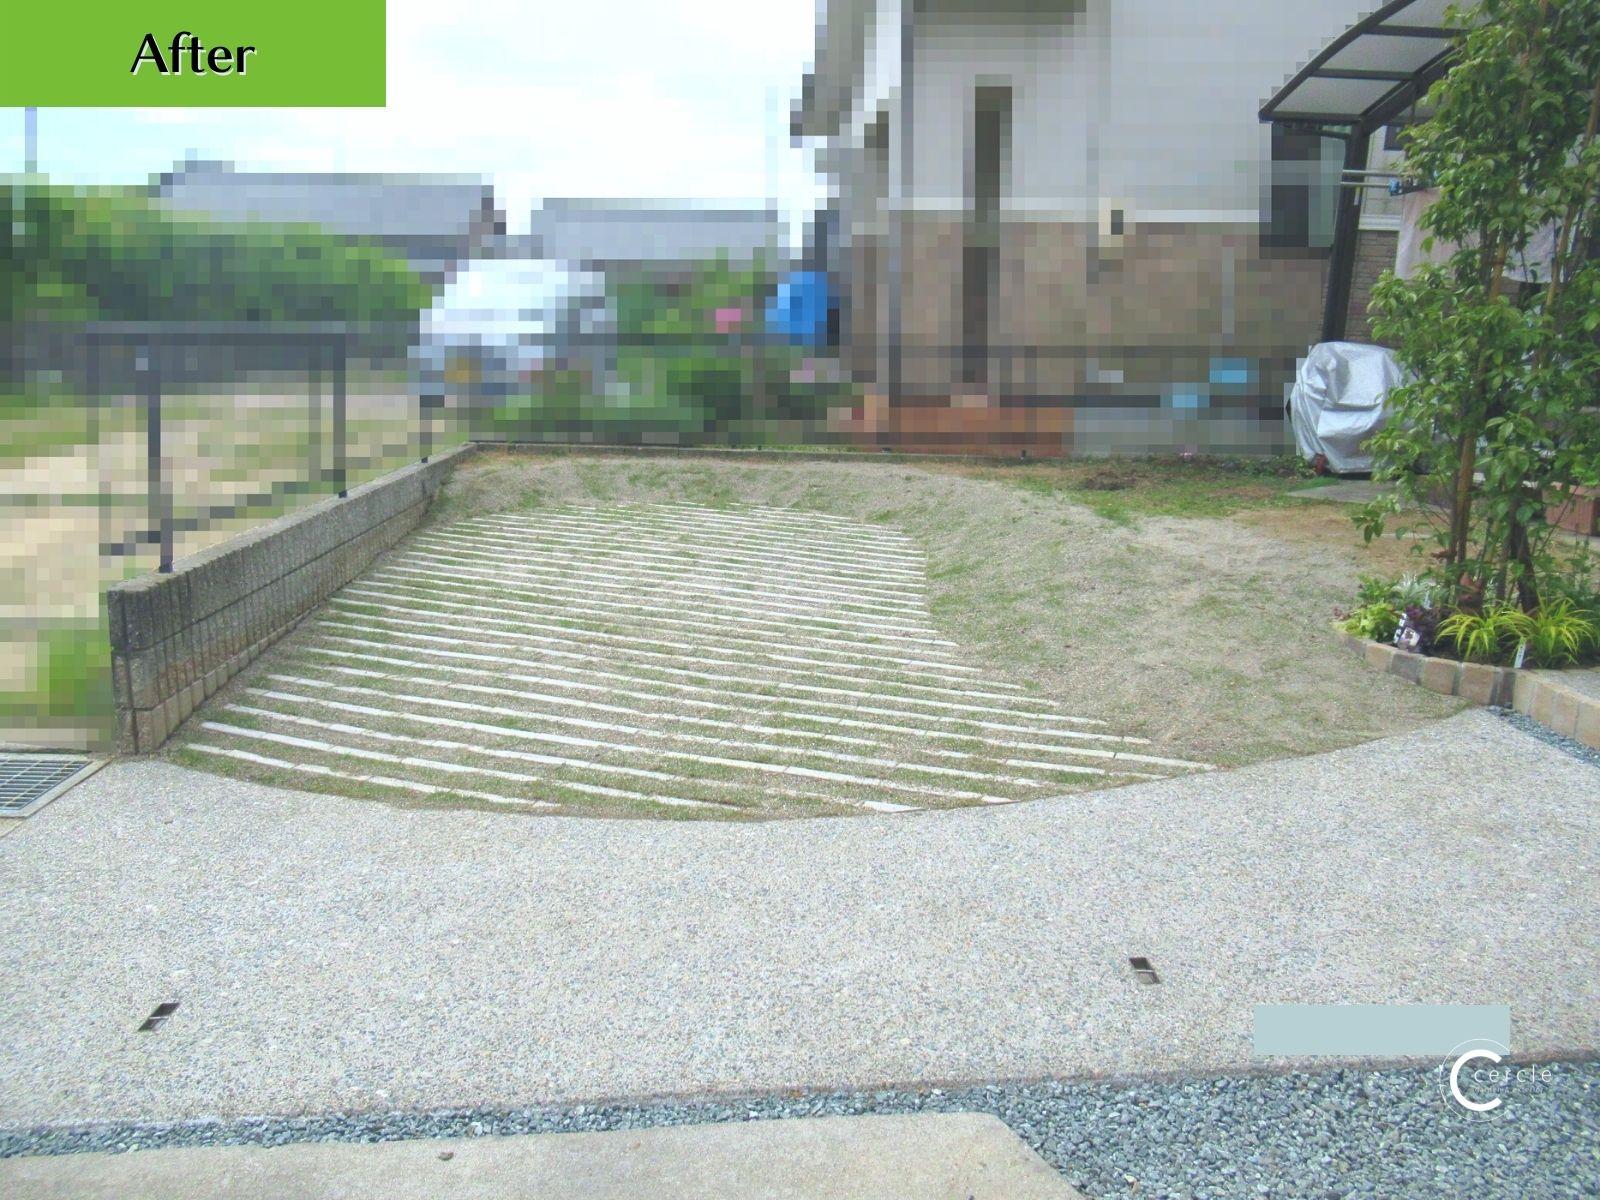 【鈴鹿市】天然芝を敷き直して可愛い駐車場にリフォーム(アフター)